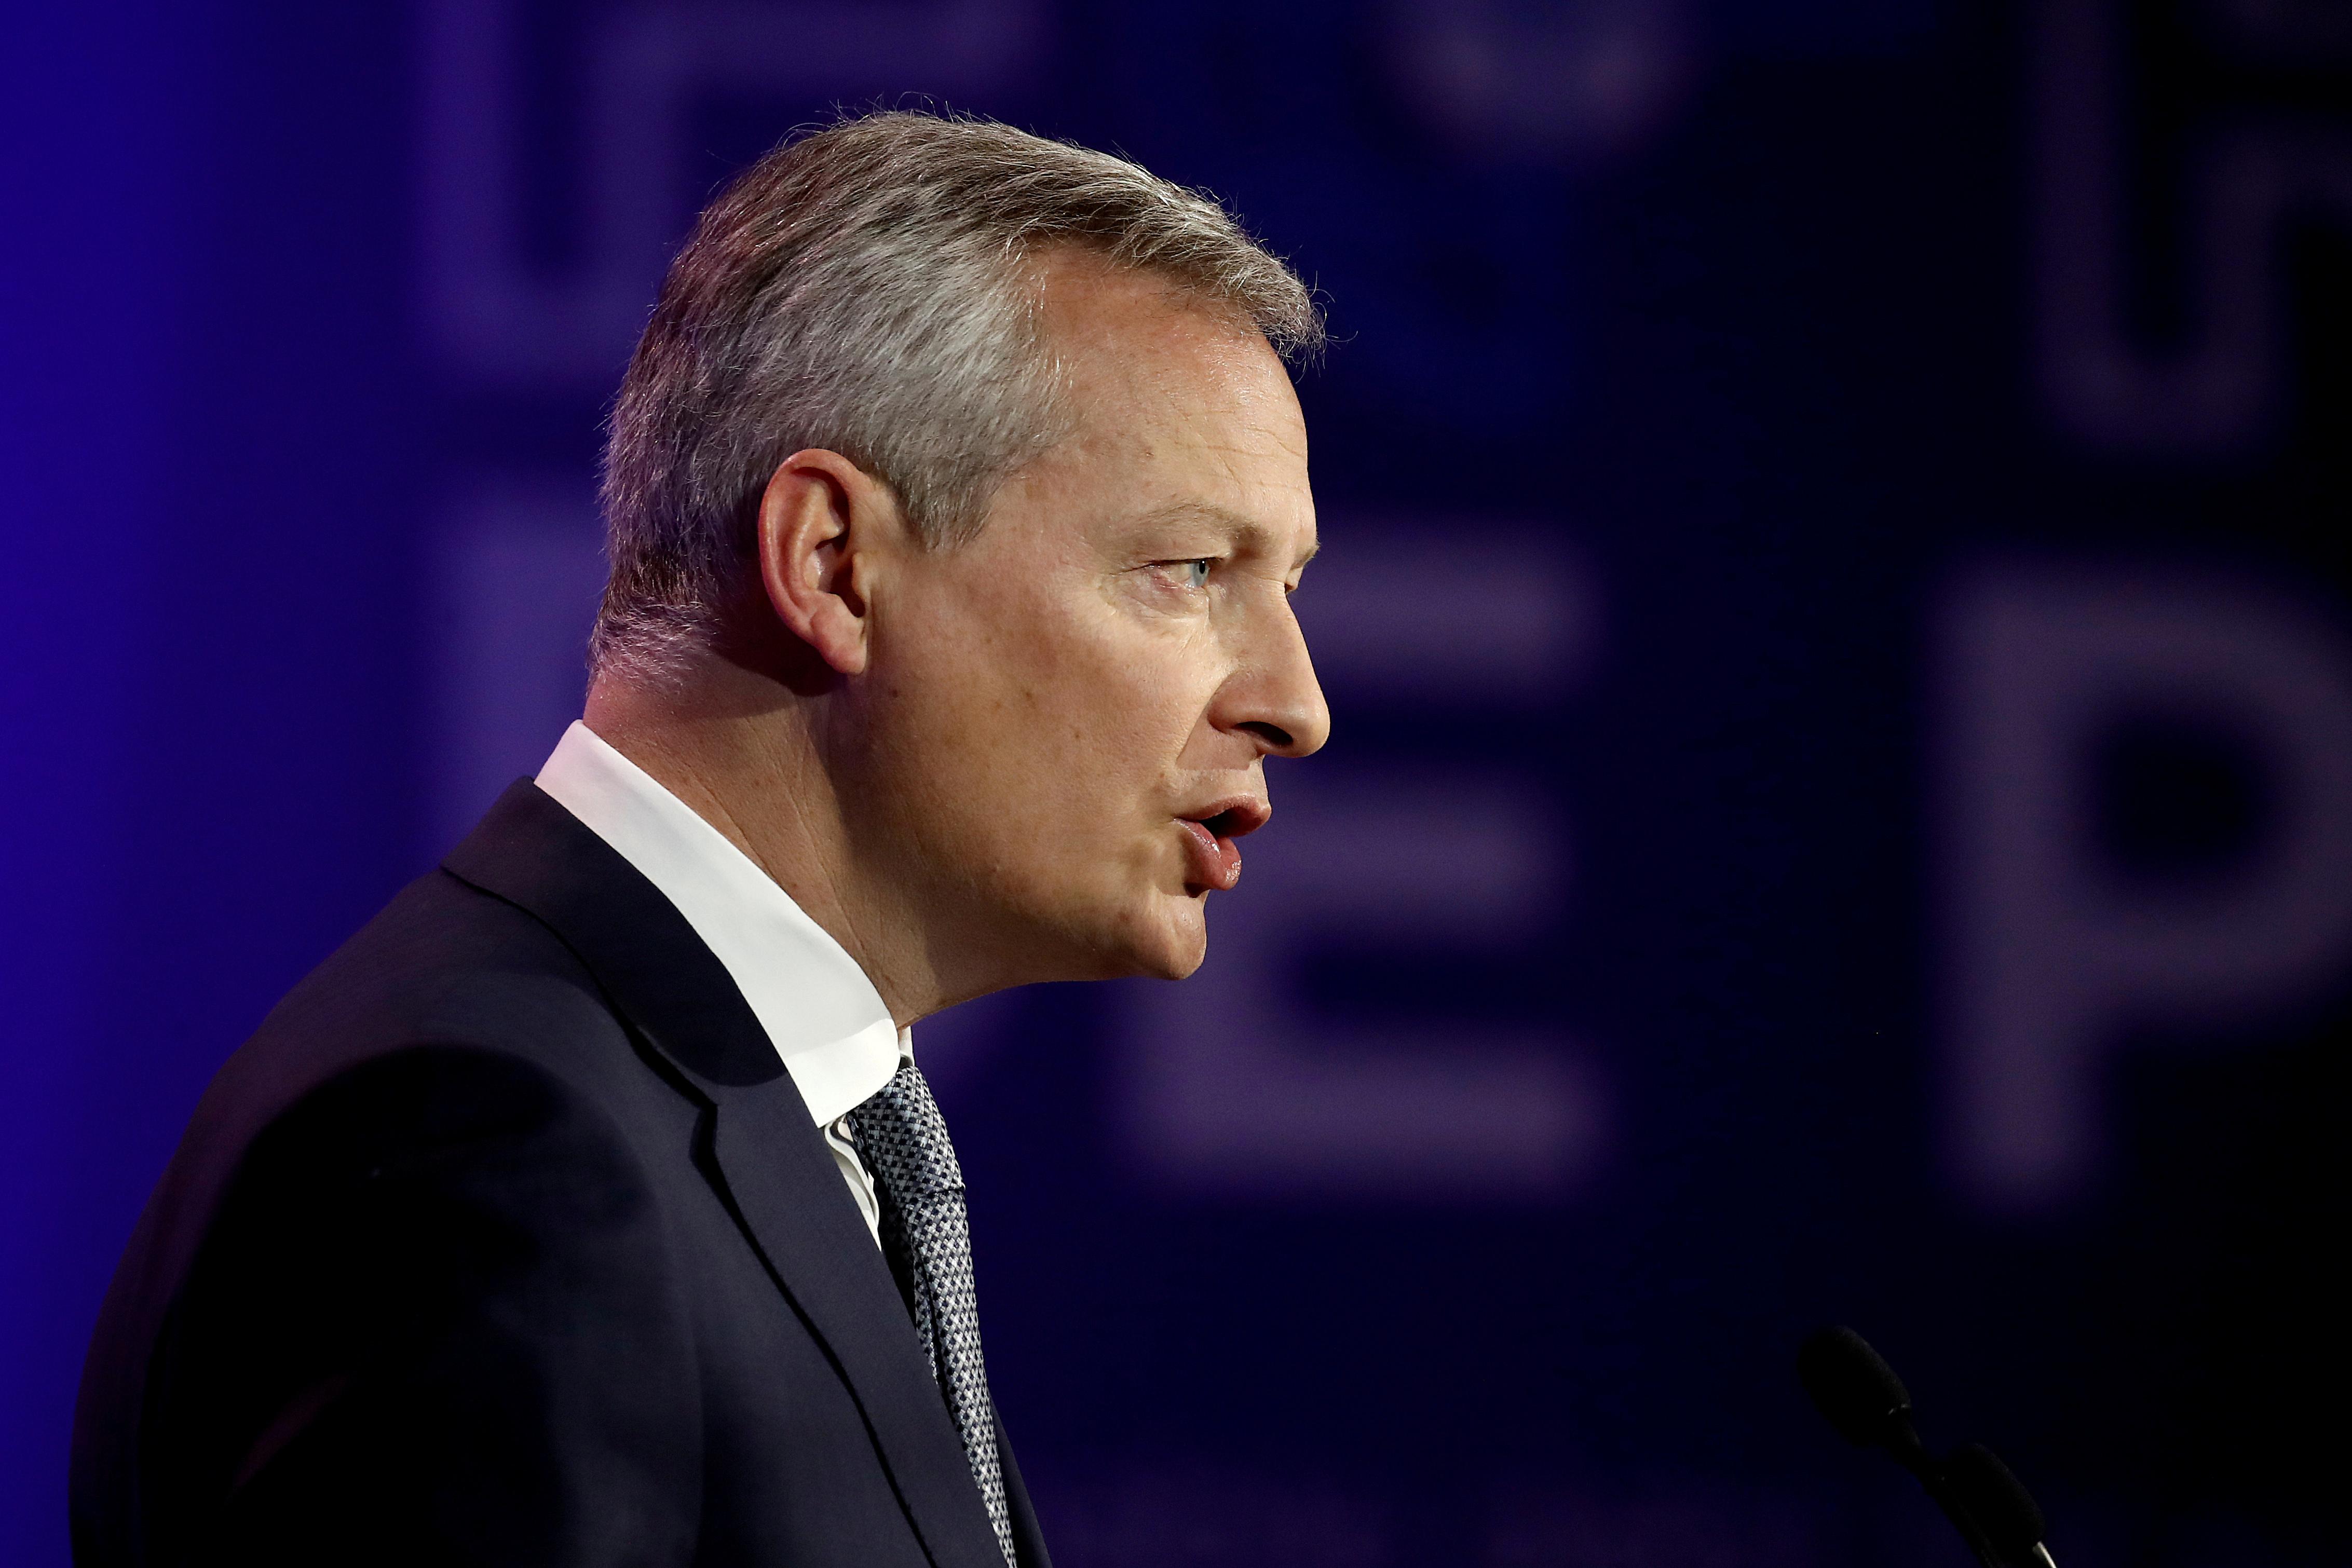 Taxe Gafa : Bruno Le Maire montre les muscles face aux menaces de Washington